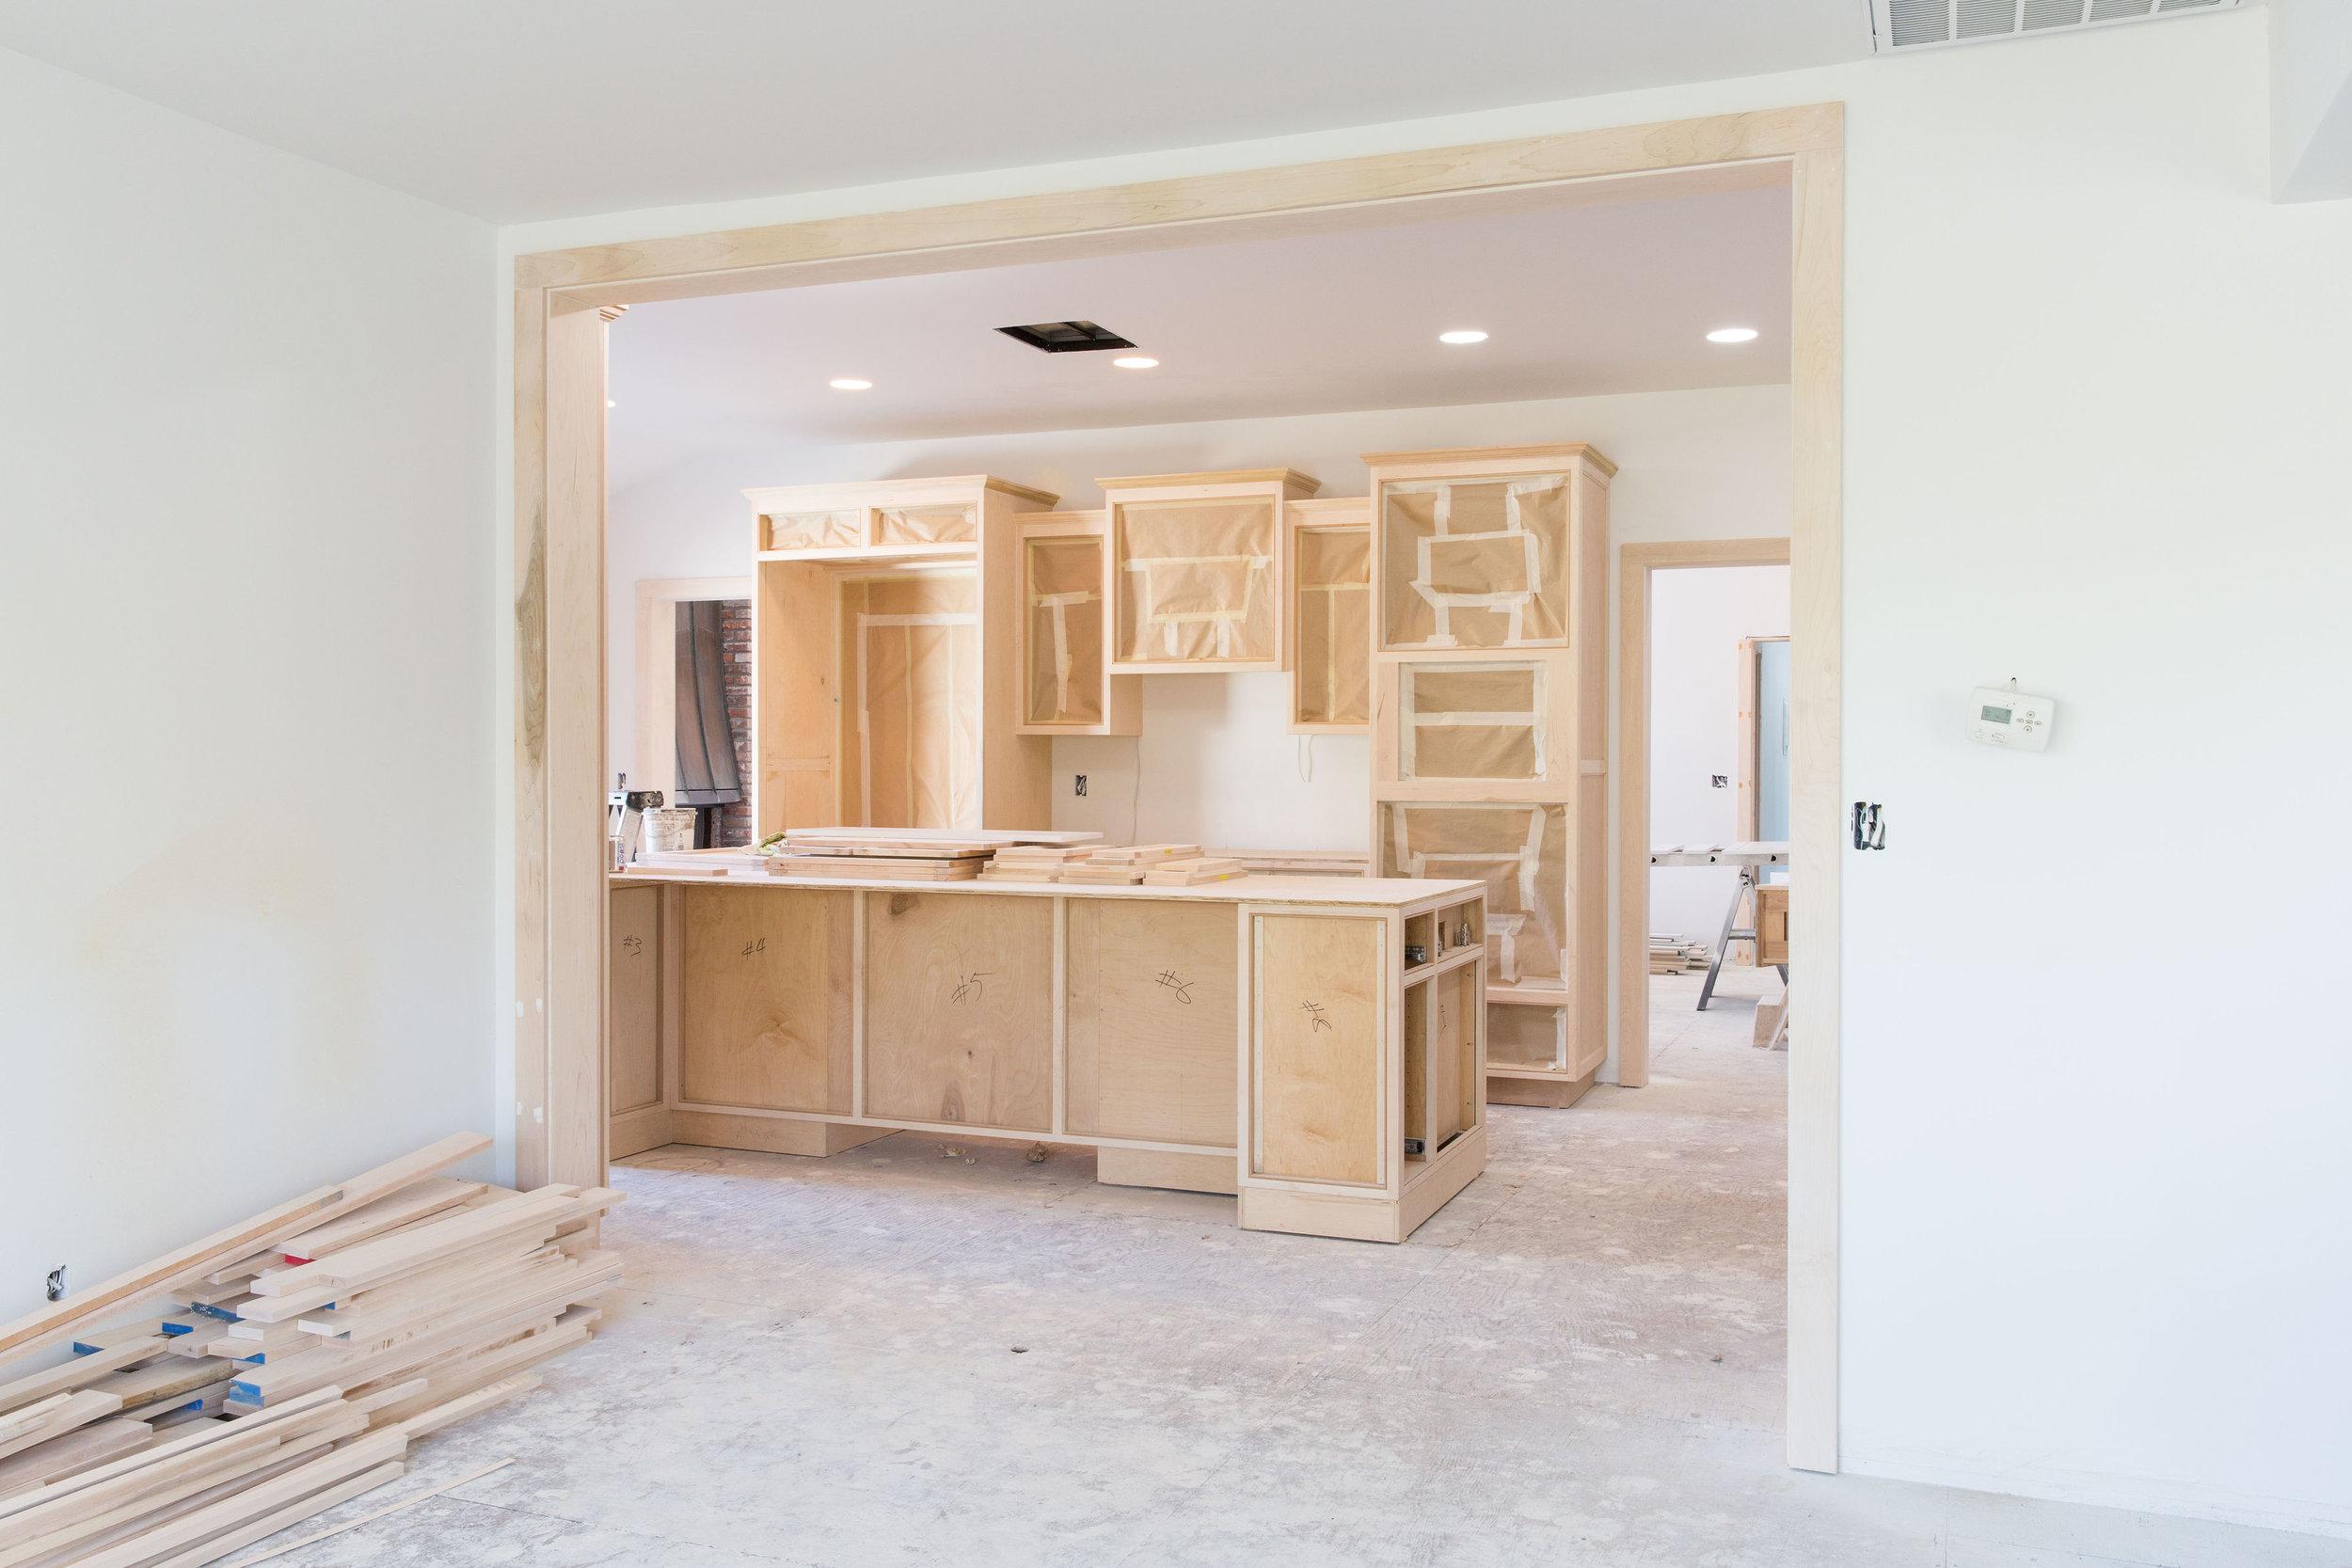 Tami Faulkner Design, Kitchen Designer, Sacramento CA